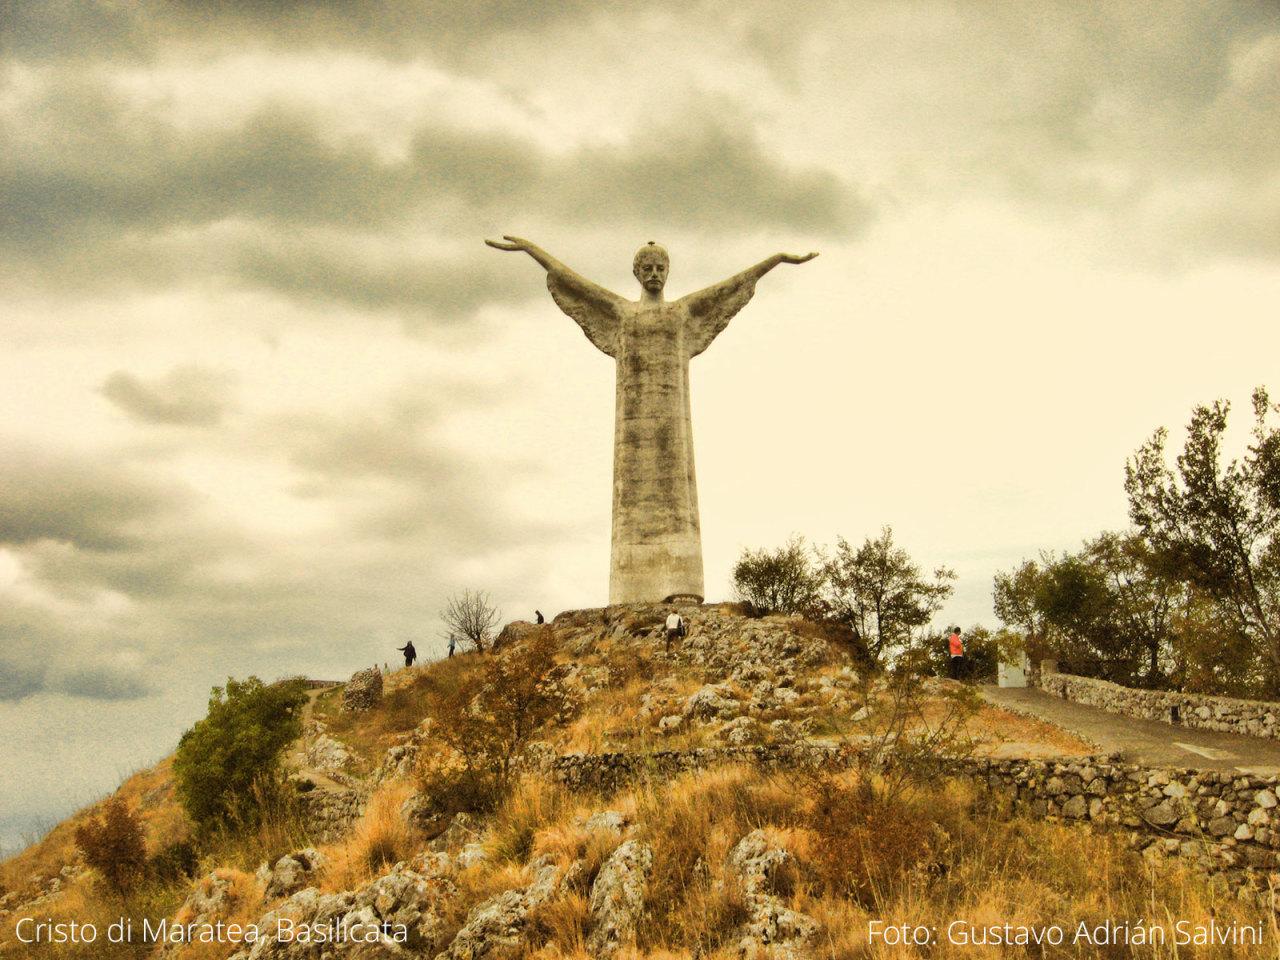 Cristo di Maratea, Basilicata